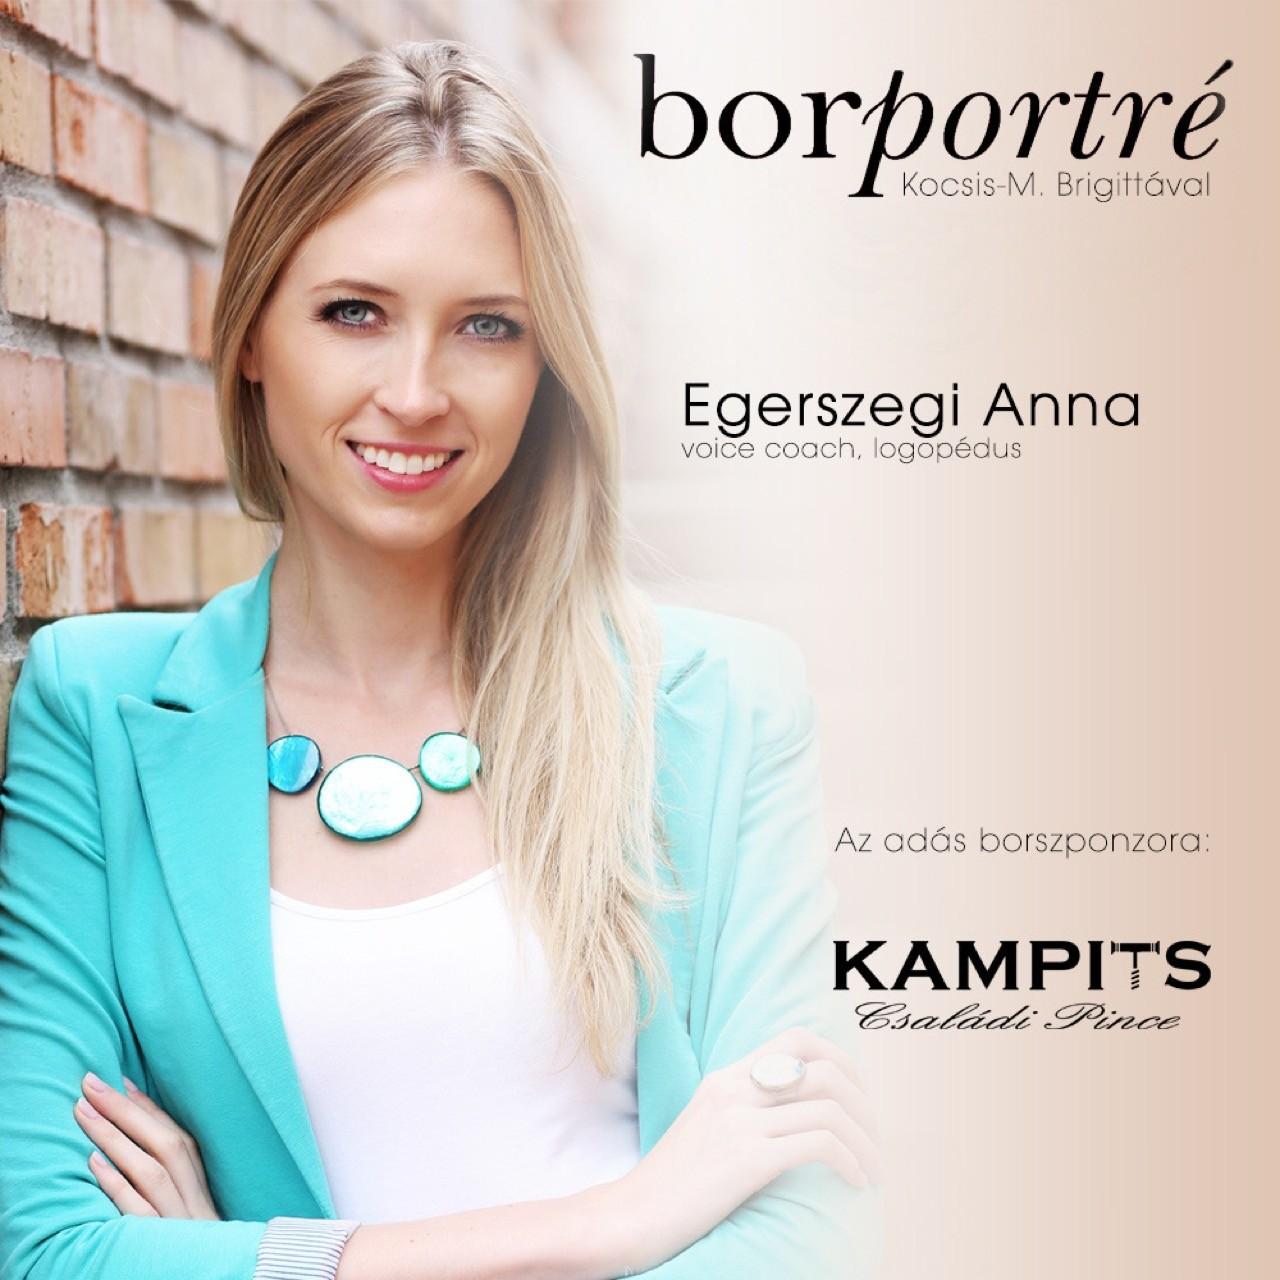 borportre_2020_12_02_egerszegi_anna_voice_coach_kampits_kocka 2